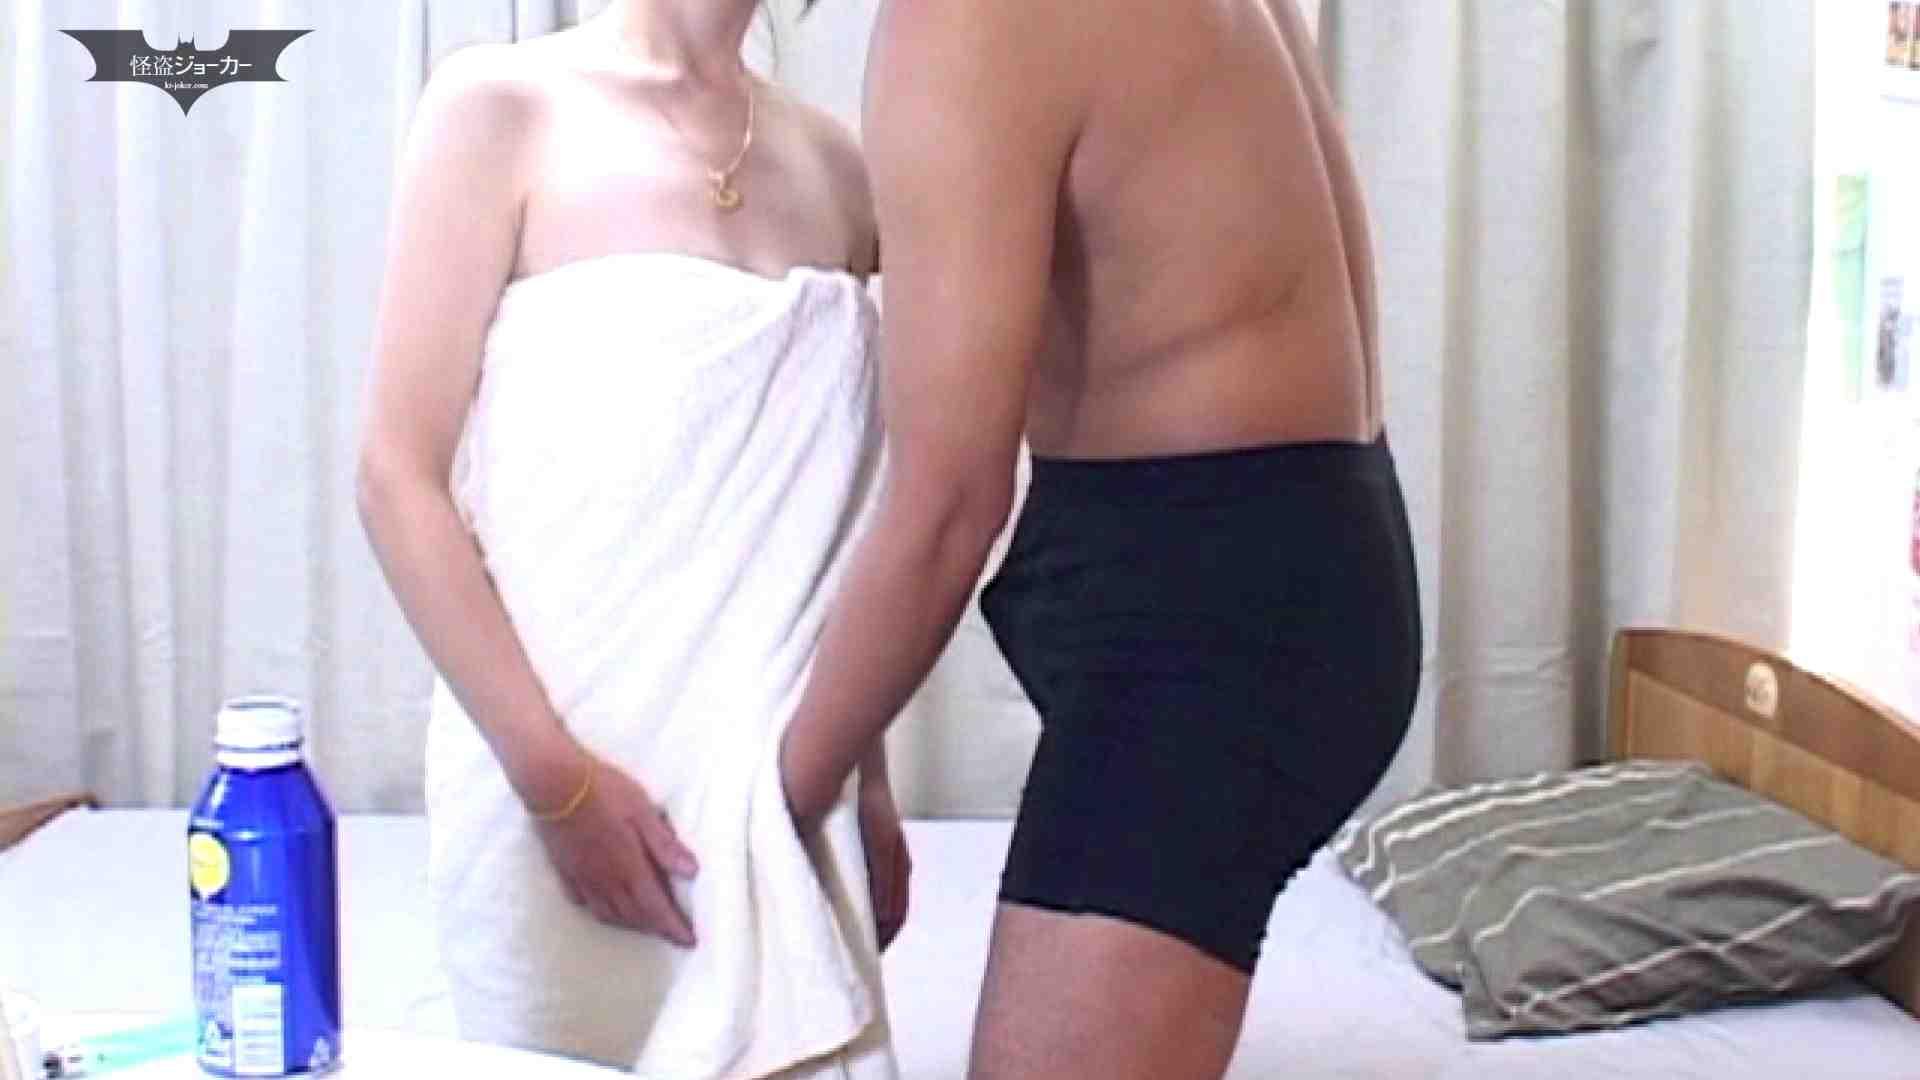 素人女良を部屋に連れ込み隠し撮りSEX!! その⑨  錦糸町の料理人 みどり 巨乳  66PIX 24